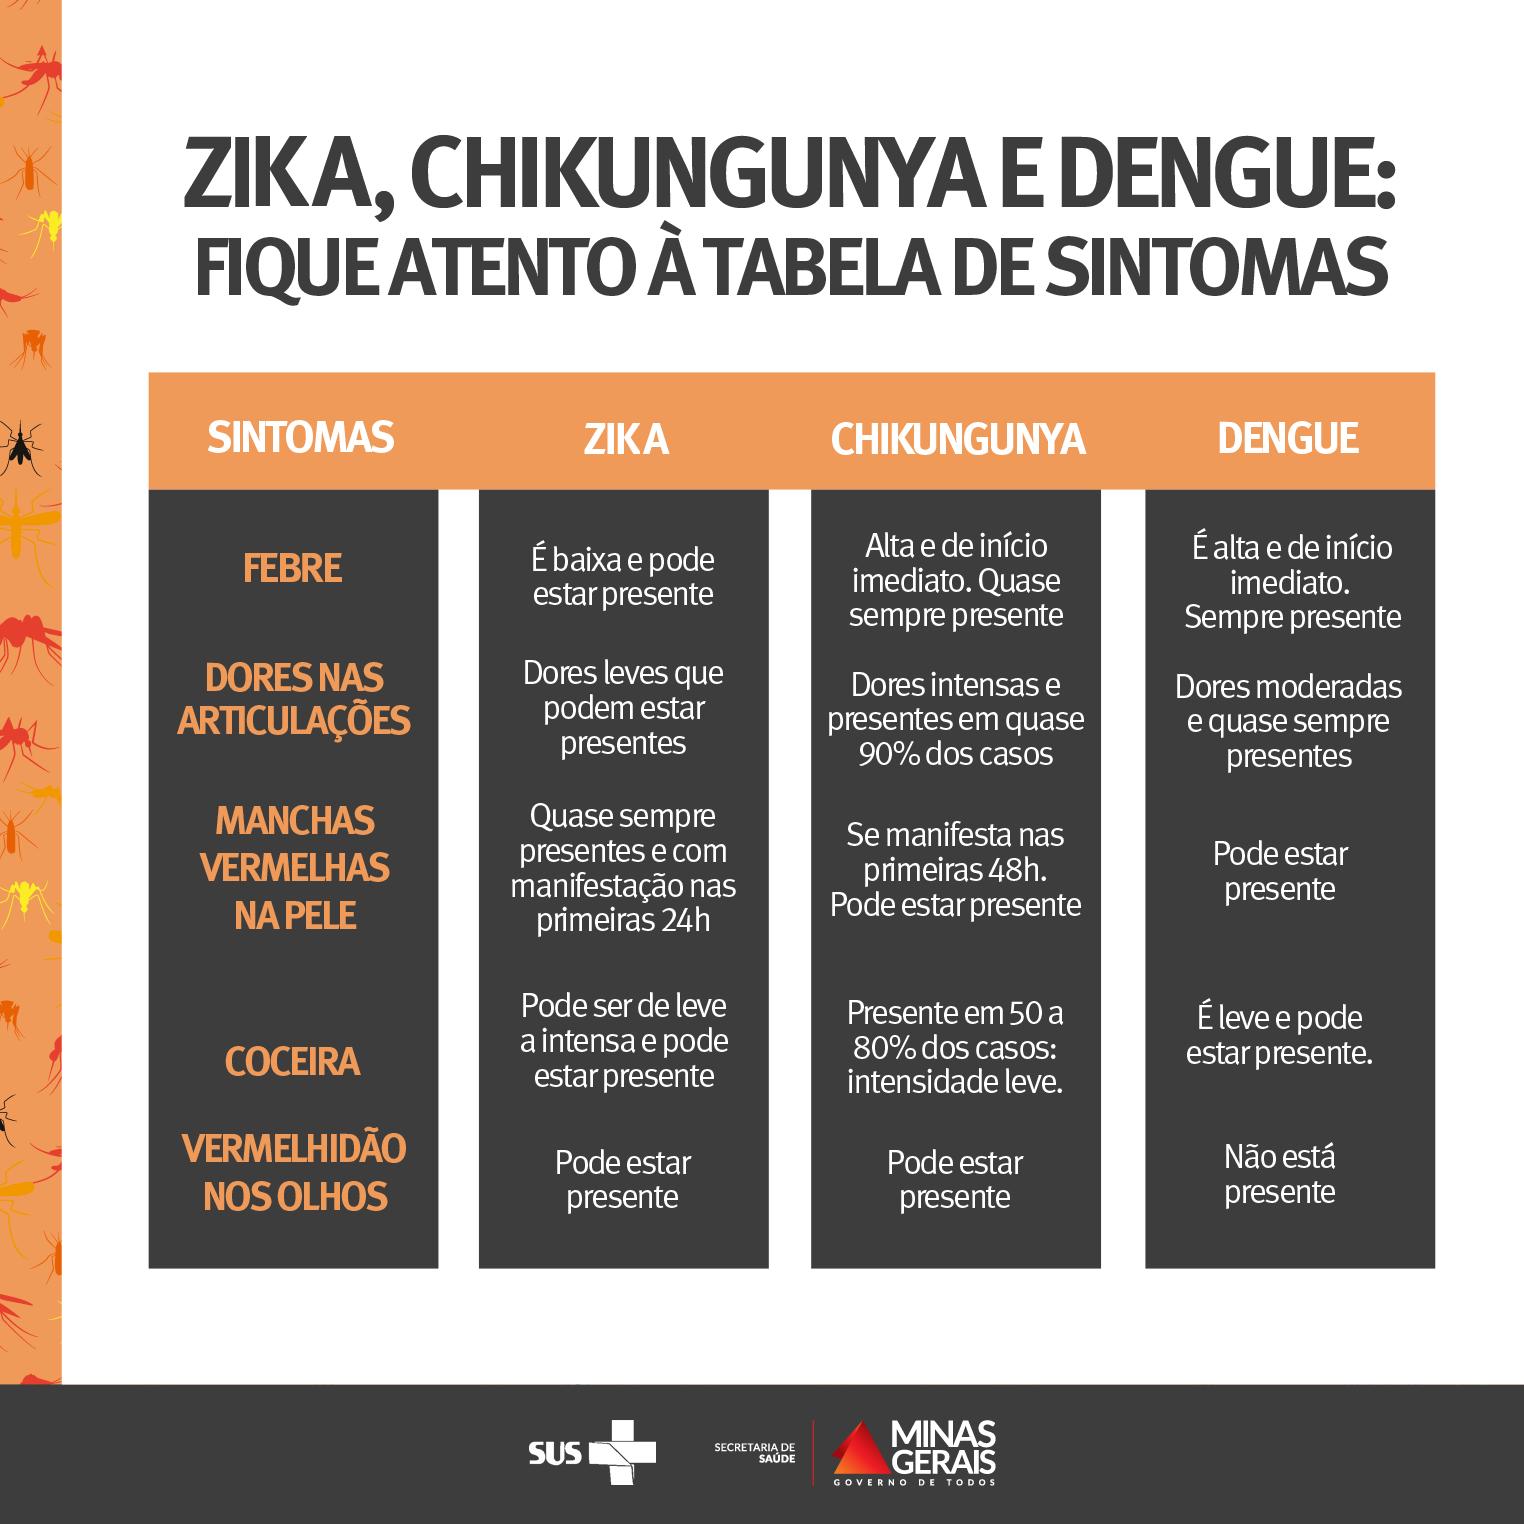 dengue_tabela